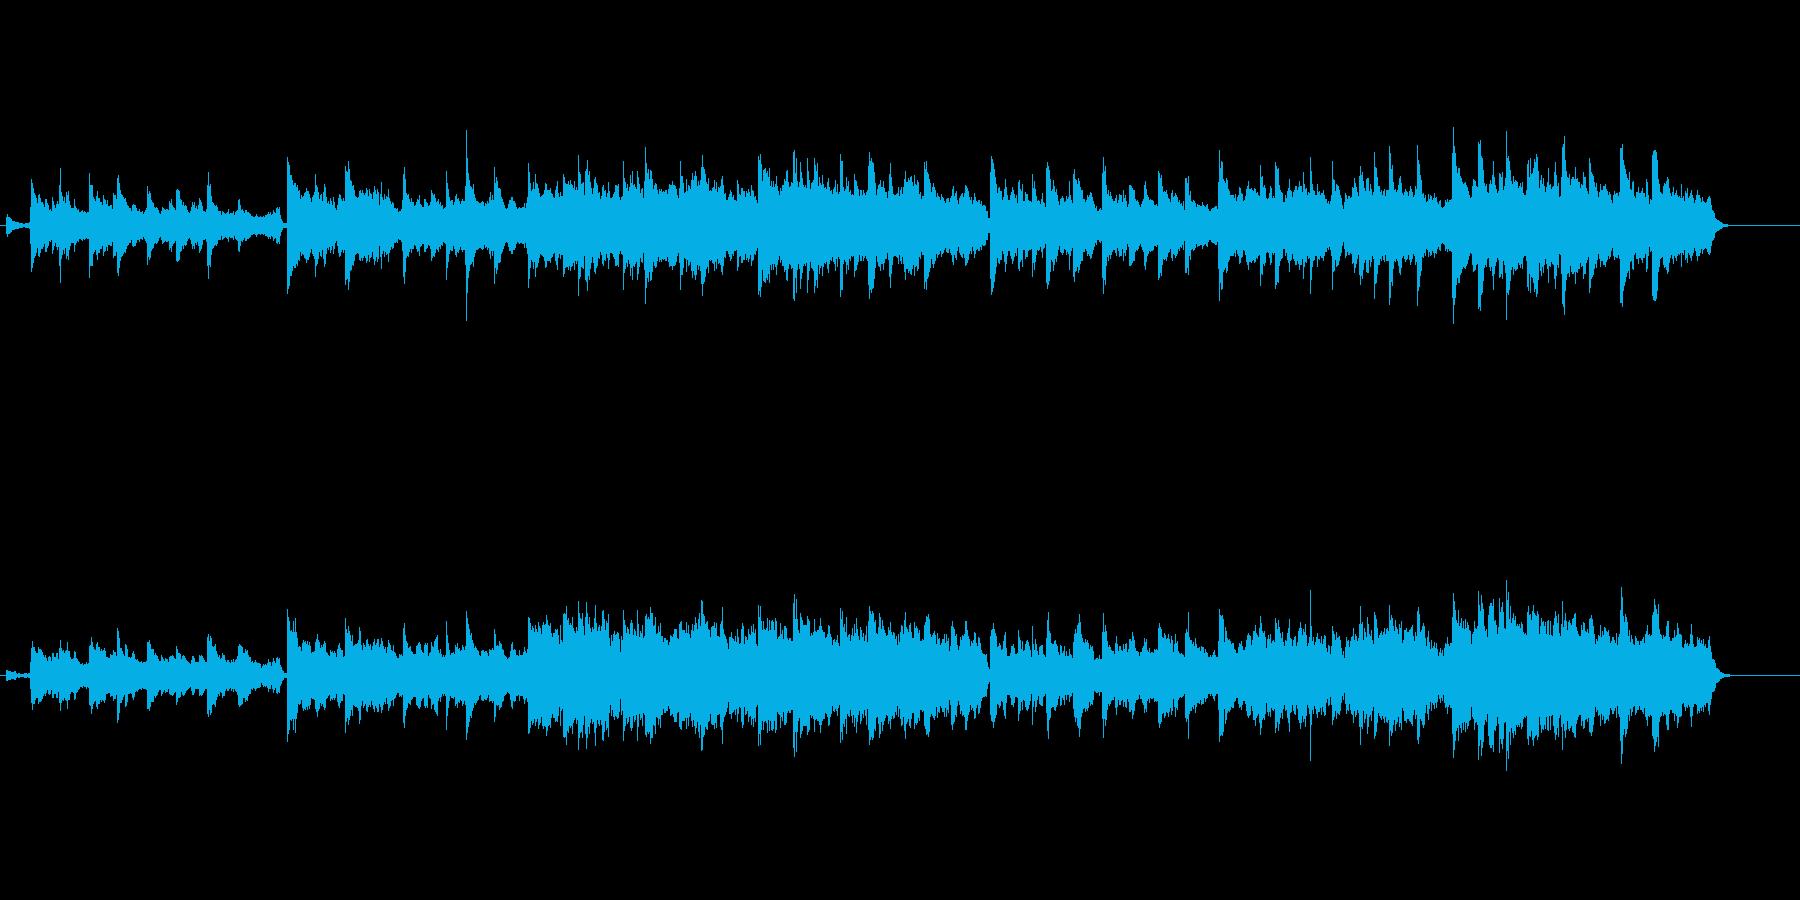 荘厳なピアノとストリングスの調べの再生済みの波形